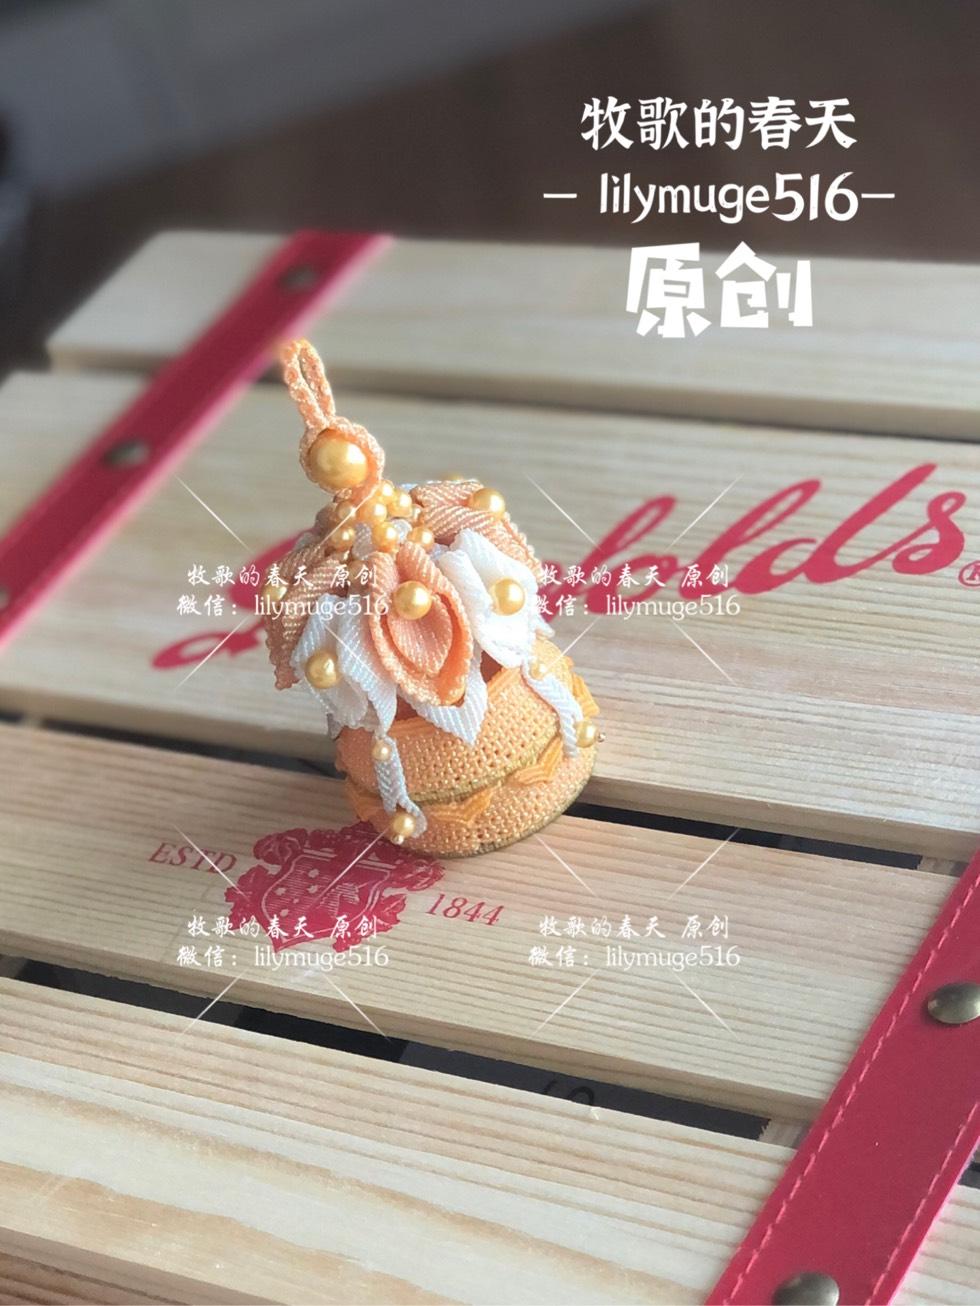 中国结论坛 原创作品 加冕锦盒 锦盒,斜卷结立体,礼盒 作品展示 103611zy5w5lla7pwlhk3o